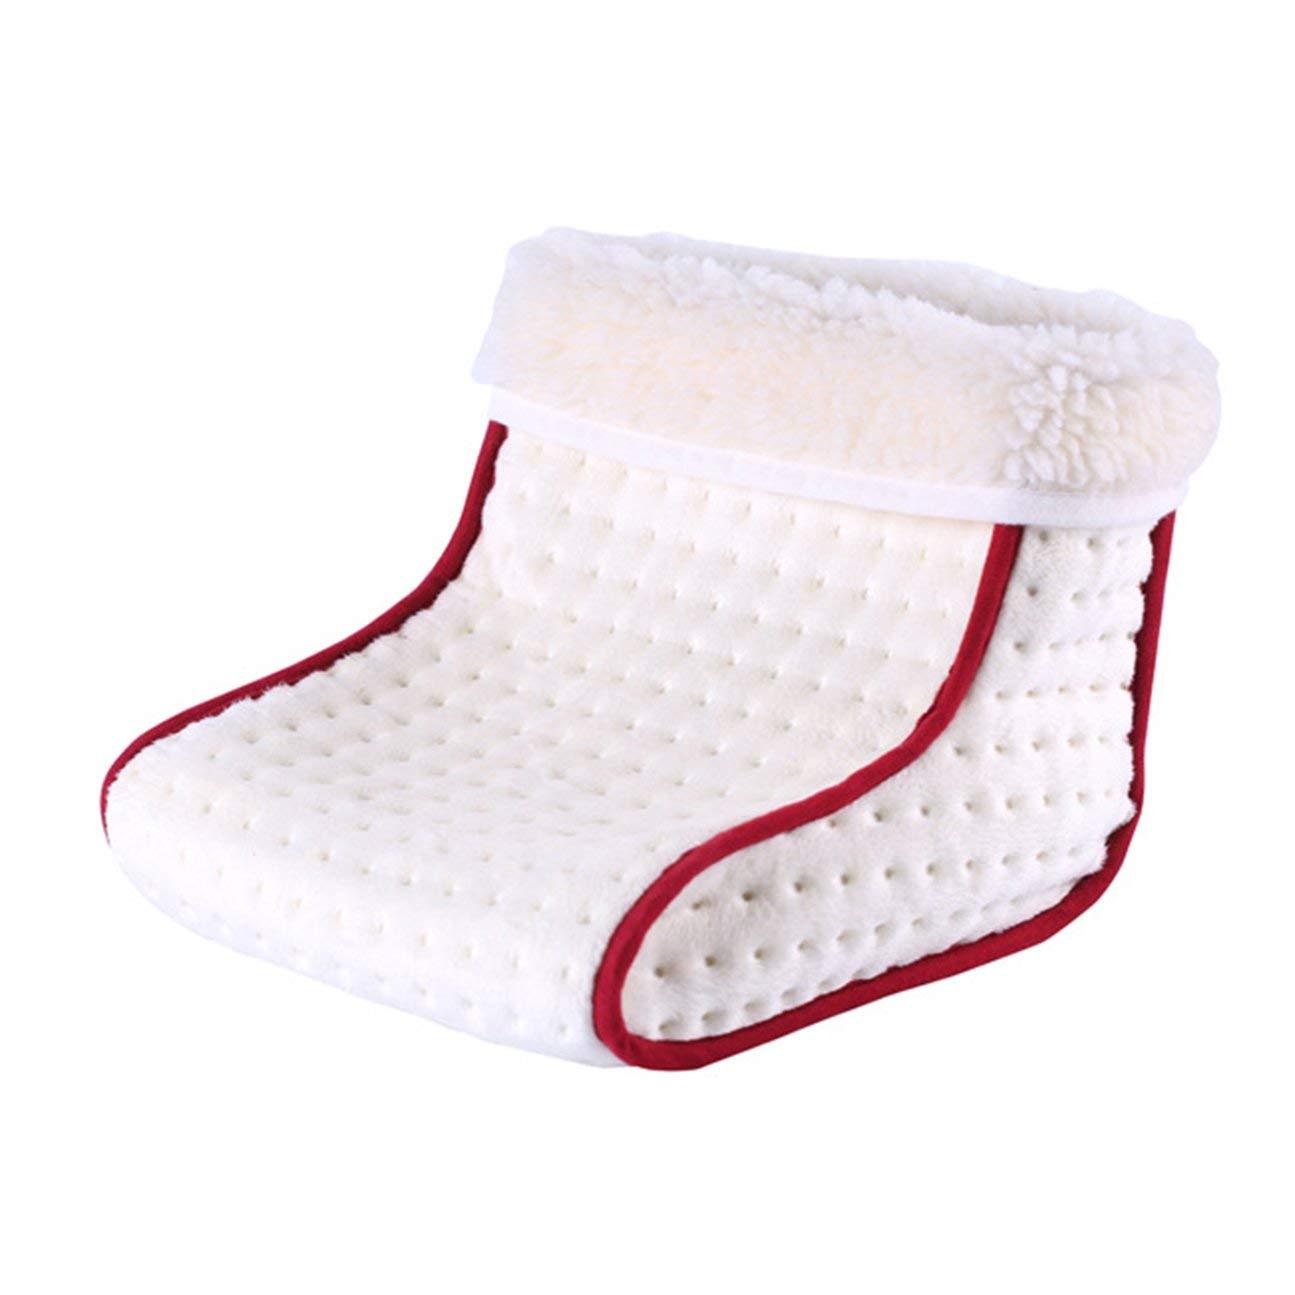 Accogliente Scaldino elettrico riscaldabile a scalda-piedi Scaldapiedi lavabile a caldo 5 modalit/à Impostazioni calore Scaldino termico Scaldapiedi bianco